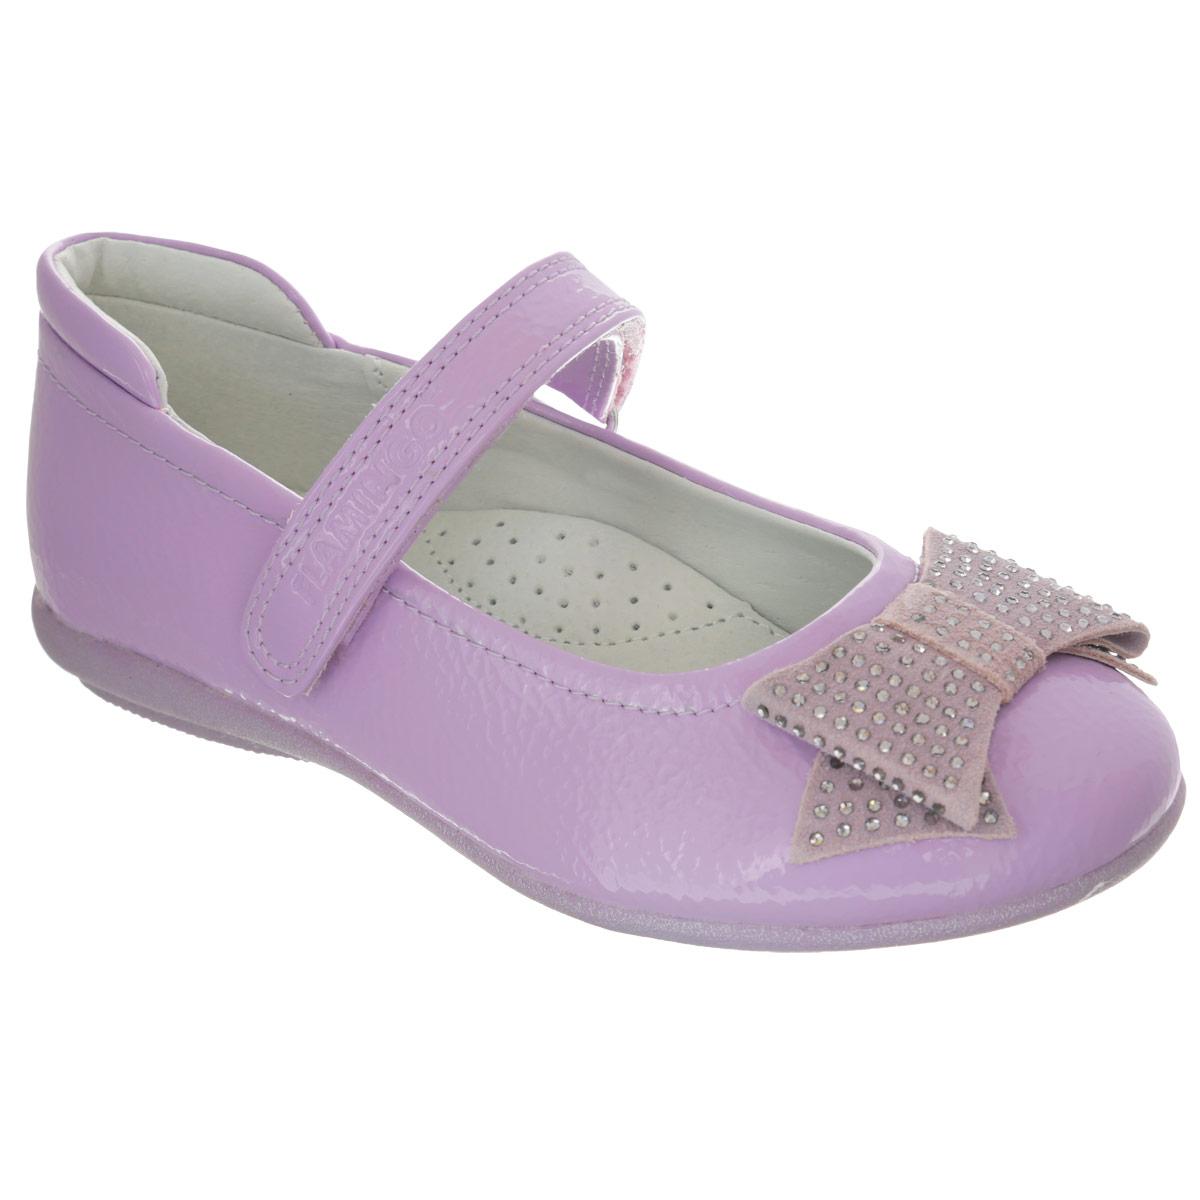 Туфли для девочки. ZT590ZT5903Элегантные туфли от торговой марки Flamingo придутся по душе вашей юной моднице! Модель изготовлена из искусственной лакированной кожи. Мыс туфель оформлен очаровательным бантиком, выполненным из натуральной кожи и декорированным стразами. Ремешок на застежке-липучке отвечает за надежную фиксацию модели на ноге. Внутренняя поверхность и стелька, выполненные из натуральной кожи, обеспечивают комфорт при ходьбе. Стелька дополнена супинатором, который гарантирует правильное положение ноги ребенка, предотвращает плоскостопие. Подошва с рифлением обеспечивает идеальное сцепление с любыми поверхностями. Удобные туфли - незаменимая вещь в гардеробе каждой девочки.